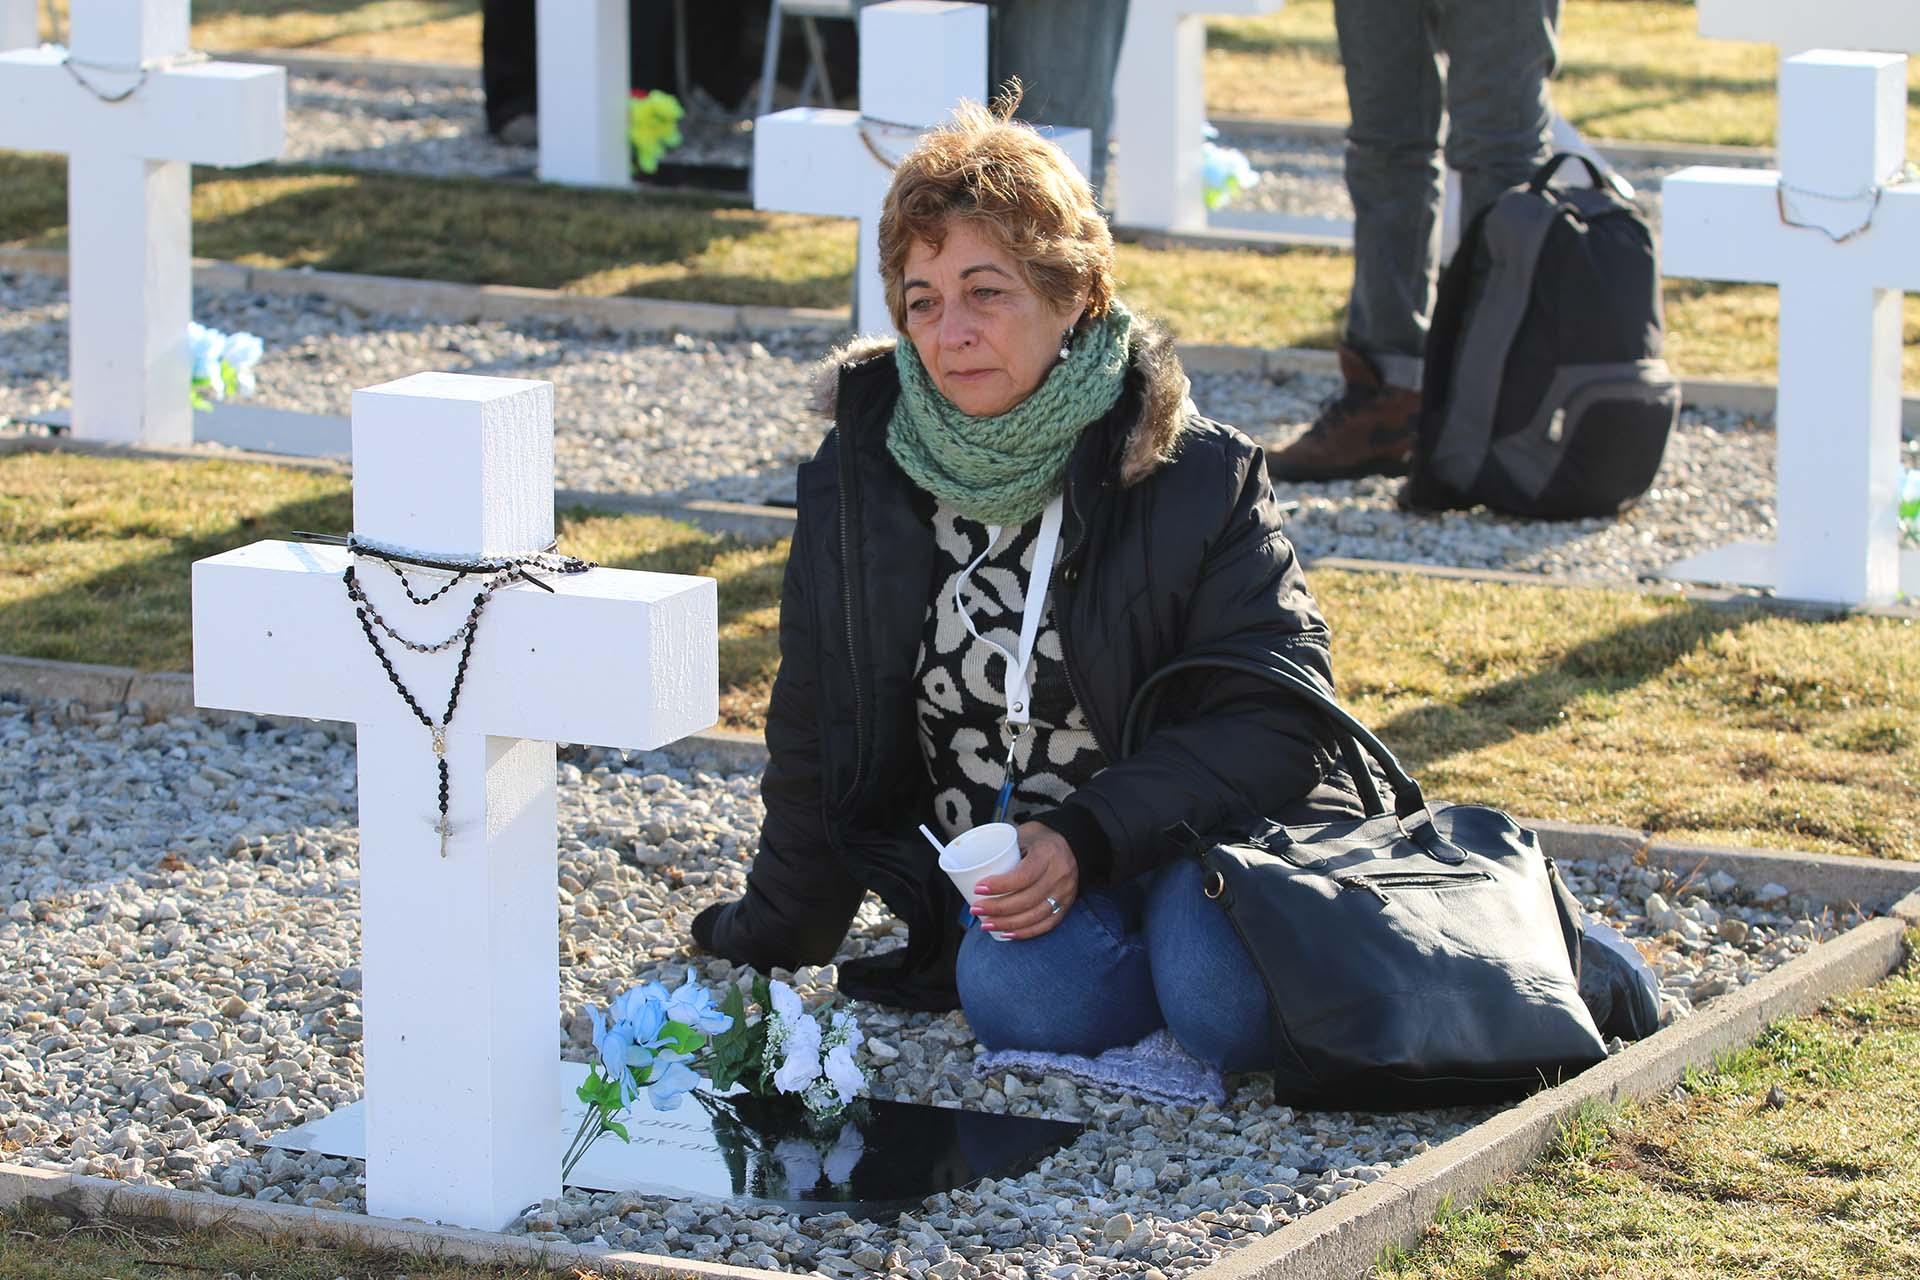 Viajaron 214 familiares, de 248 personas que esta mañana aterrizaron en la isla Soledad. Madres, padres, hermanos, hermanas, hijos, hijas, esposas. Frente a las cruces, oraciones y lágrimas